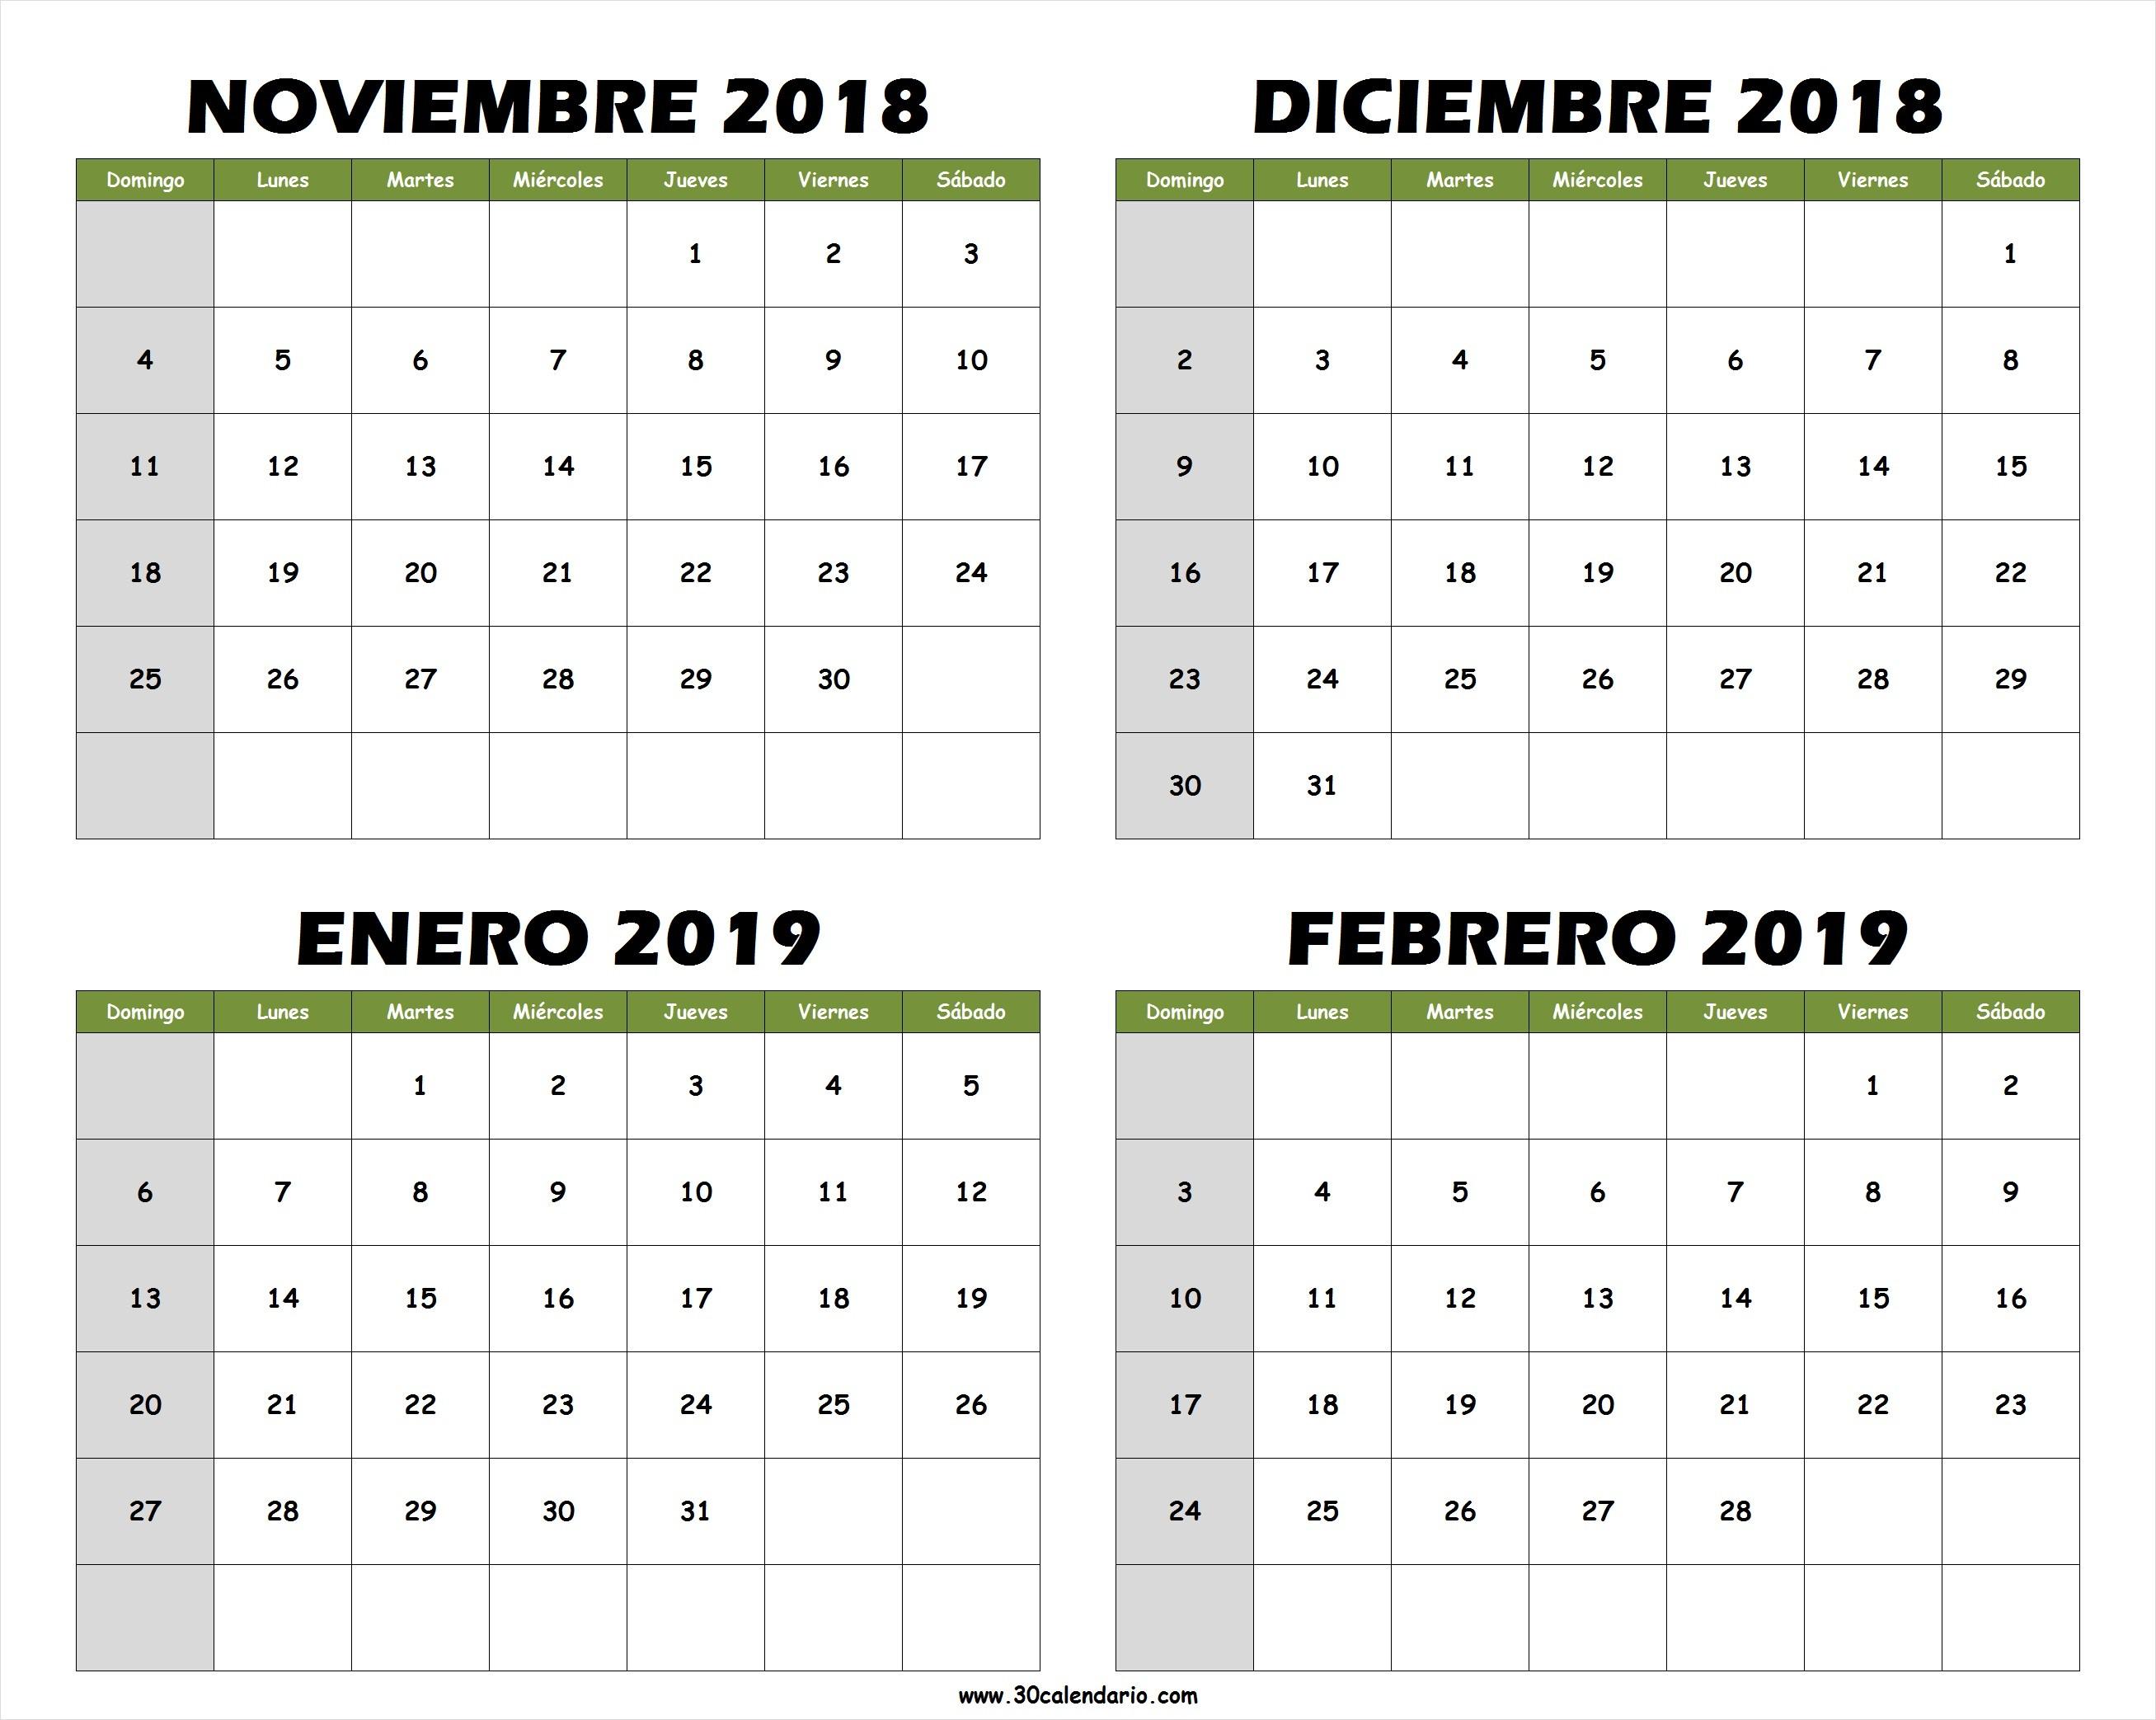 Calendario Diciembre 2018 Enero 2019 Colombia Actual Best Calendario Diciembre 2018 Y Enero 2019 Para Imprimir Image Of Calendario Diciembre 2018 Enero 2019 Colombia Más Recientes Calaméo Gara